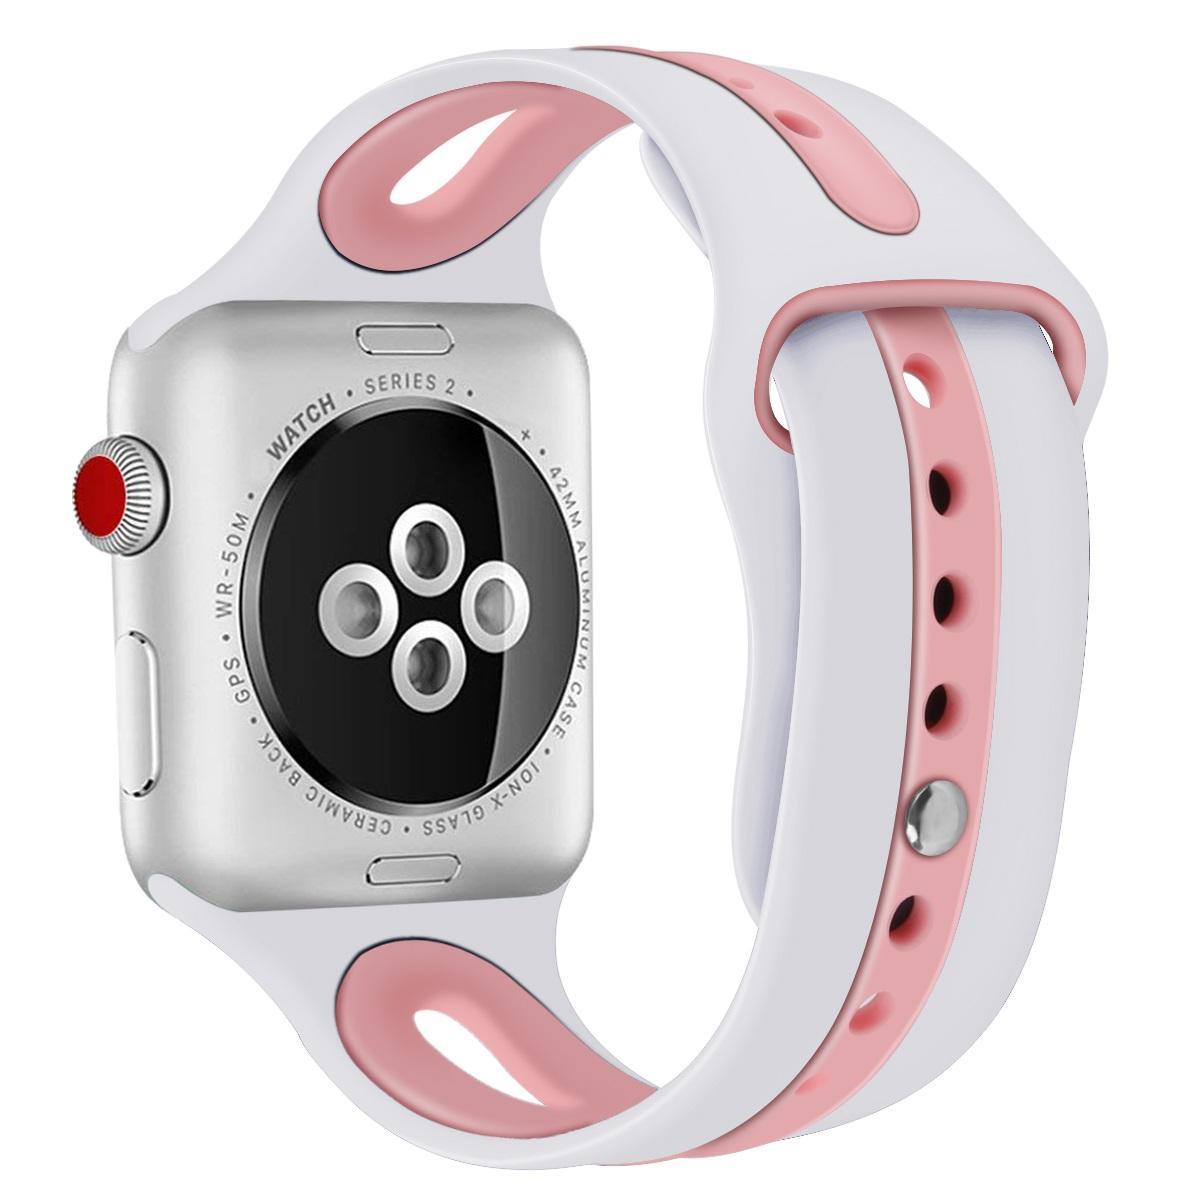 Силикон для Apple Смотреть Band 38мм 40мм 42мм 44mm двойные цвета Каучуковый браслет Спорт Интеллектуальный ремешок для Iwatch 5 4 3 2 1